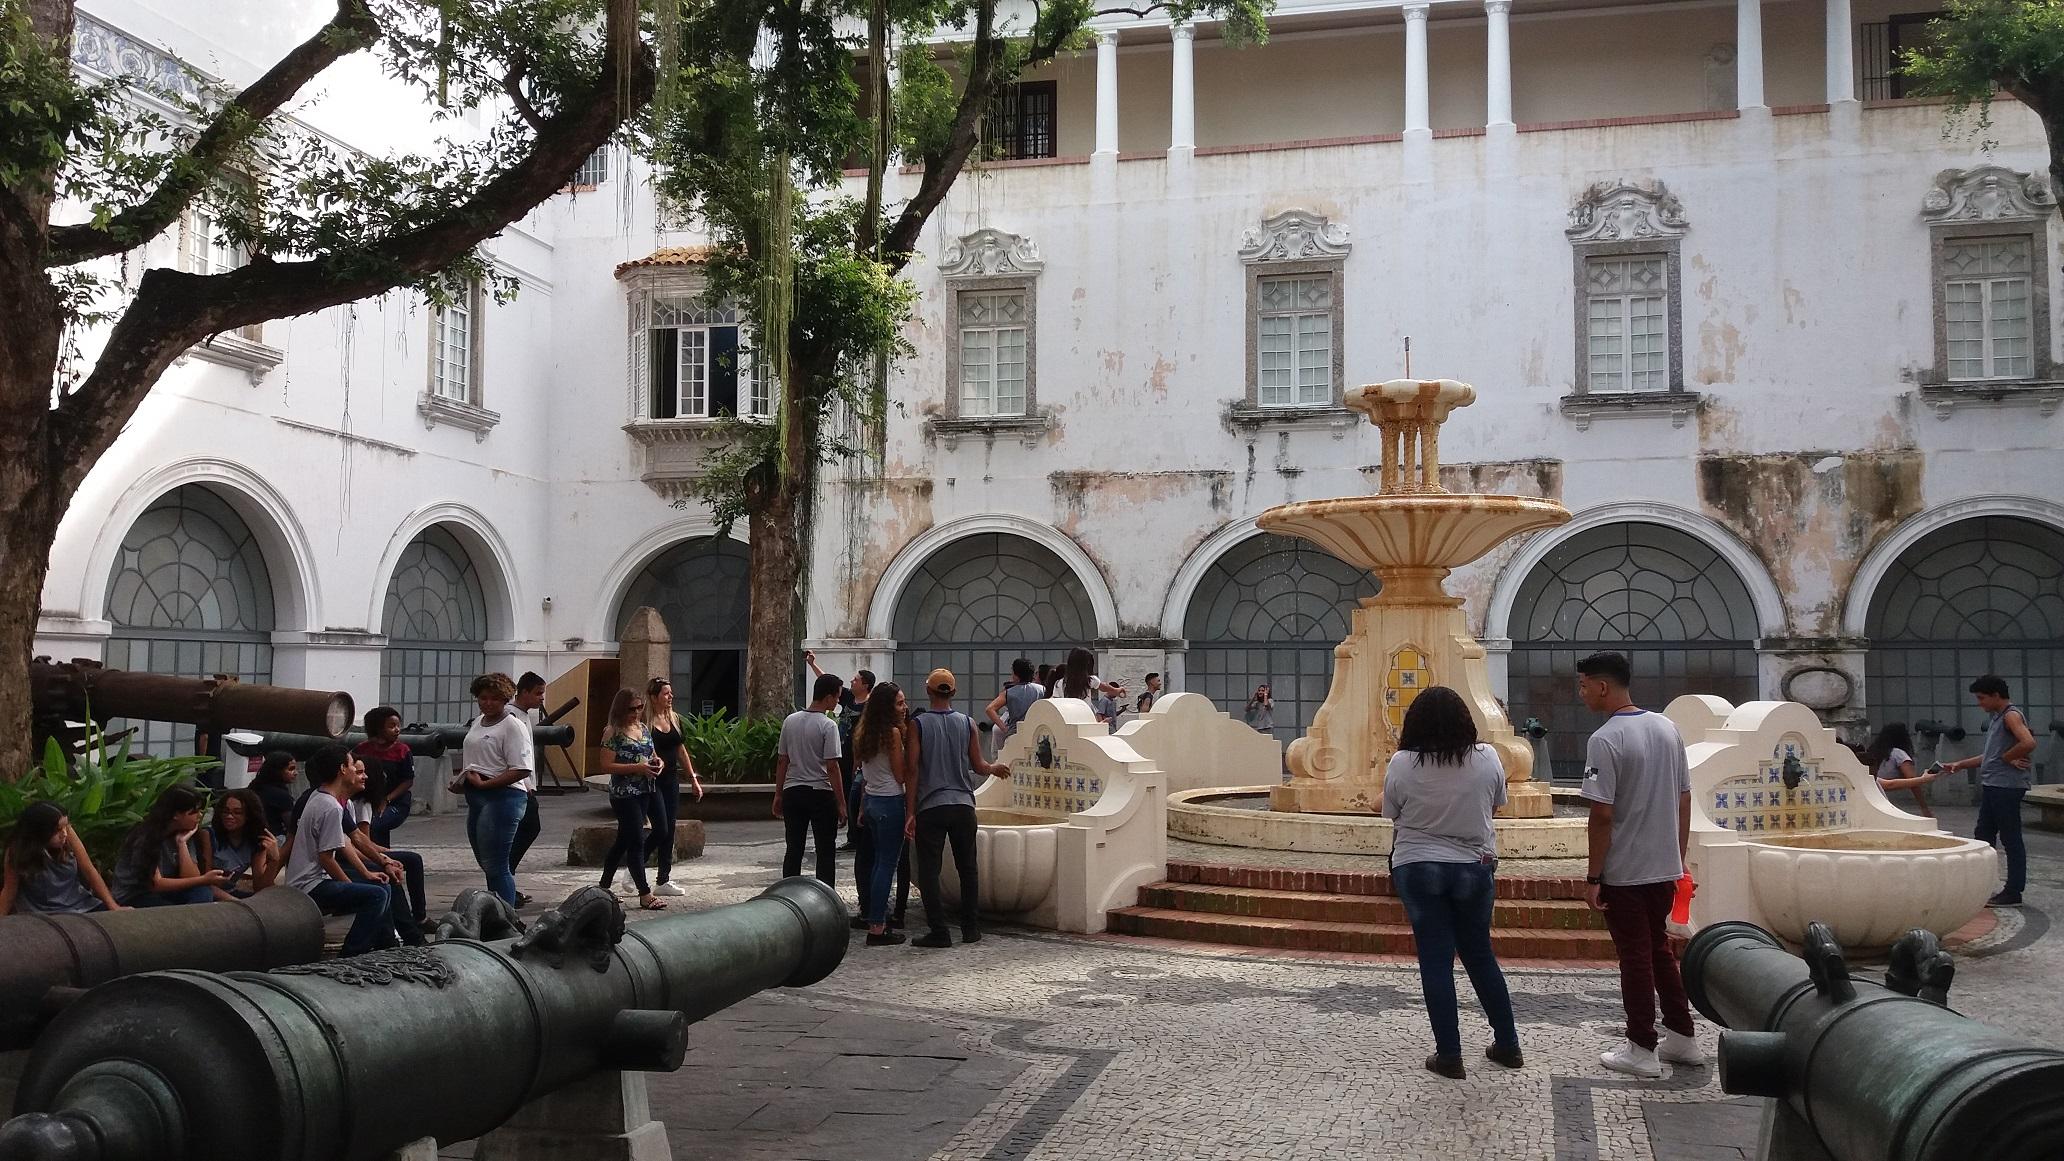 O pátio dos Canhões do Museu Histórico Nacional